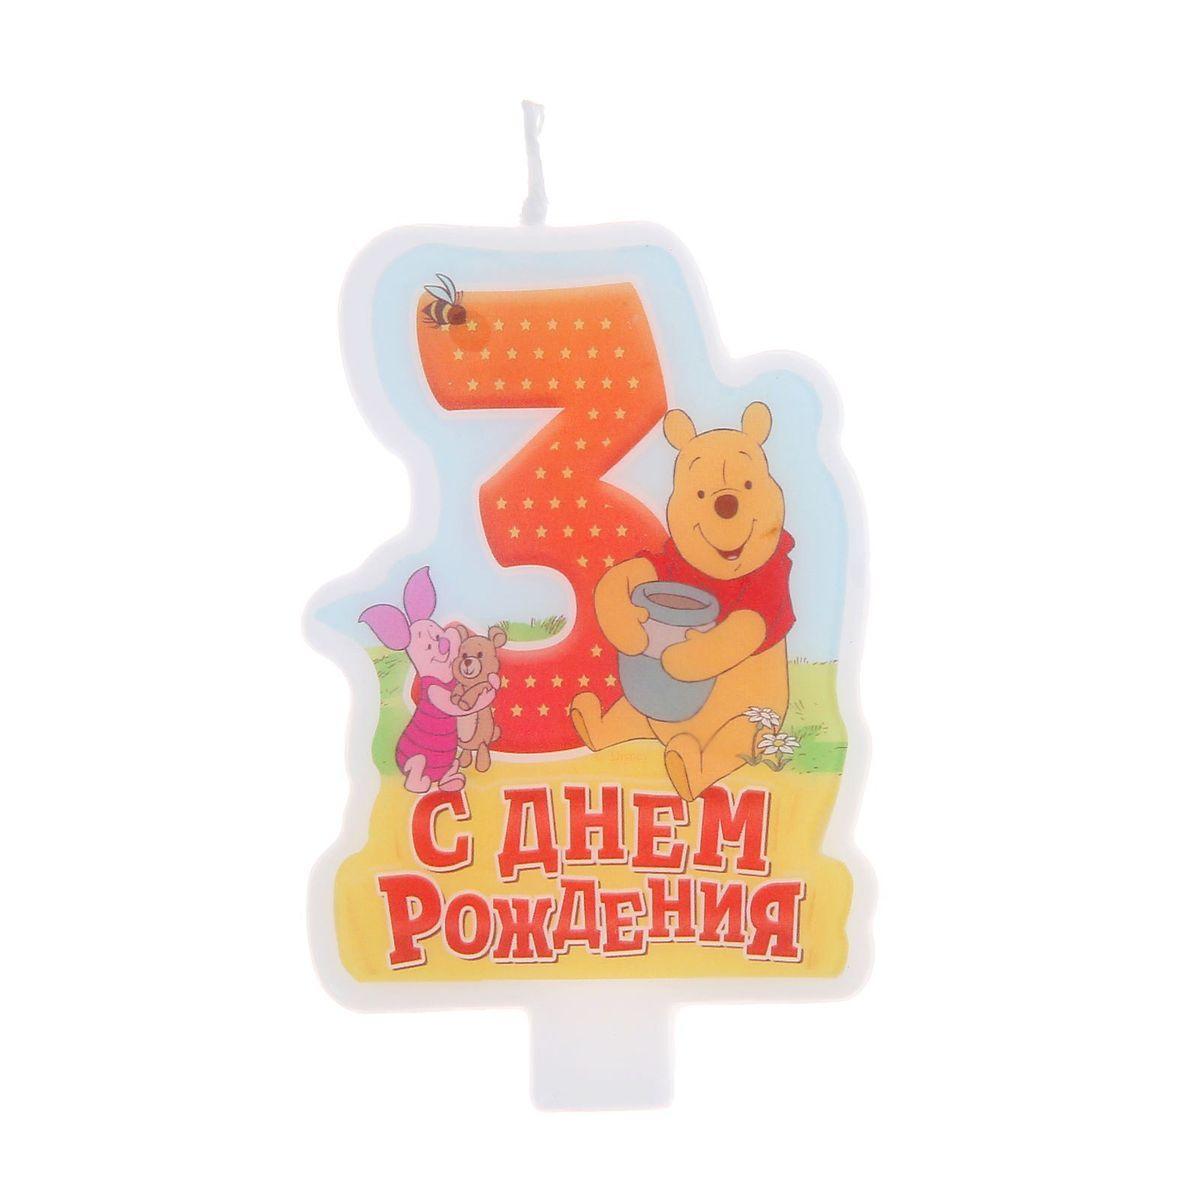 Disney Свеча для торта С днем рождения Цифра 3 Медвежонок Винни и его друзья1169283Самый любимый праздник ребёнка — день рождения, и родители стараются сделать этот день особенным. Чтобы помочь заботливым мамам и папам, мы подготовили коллекцию свечей с изображением любимых героев на упаковке.